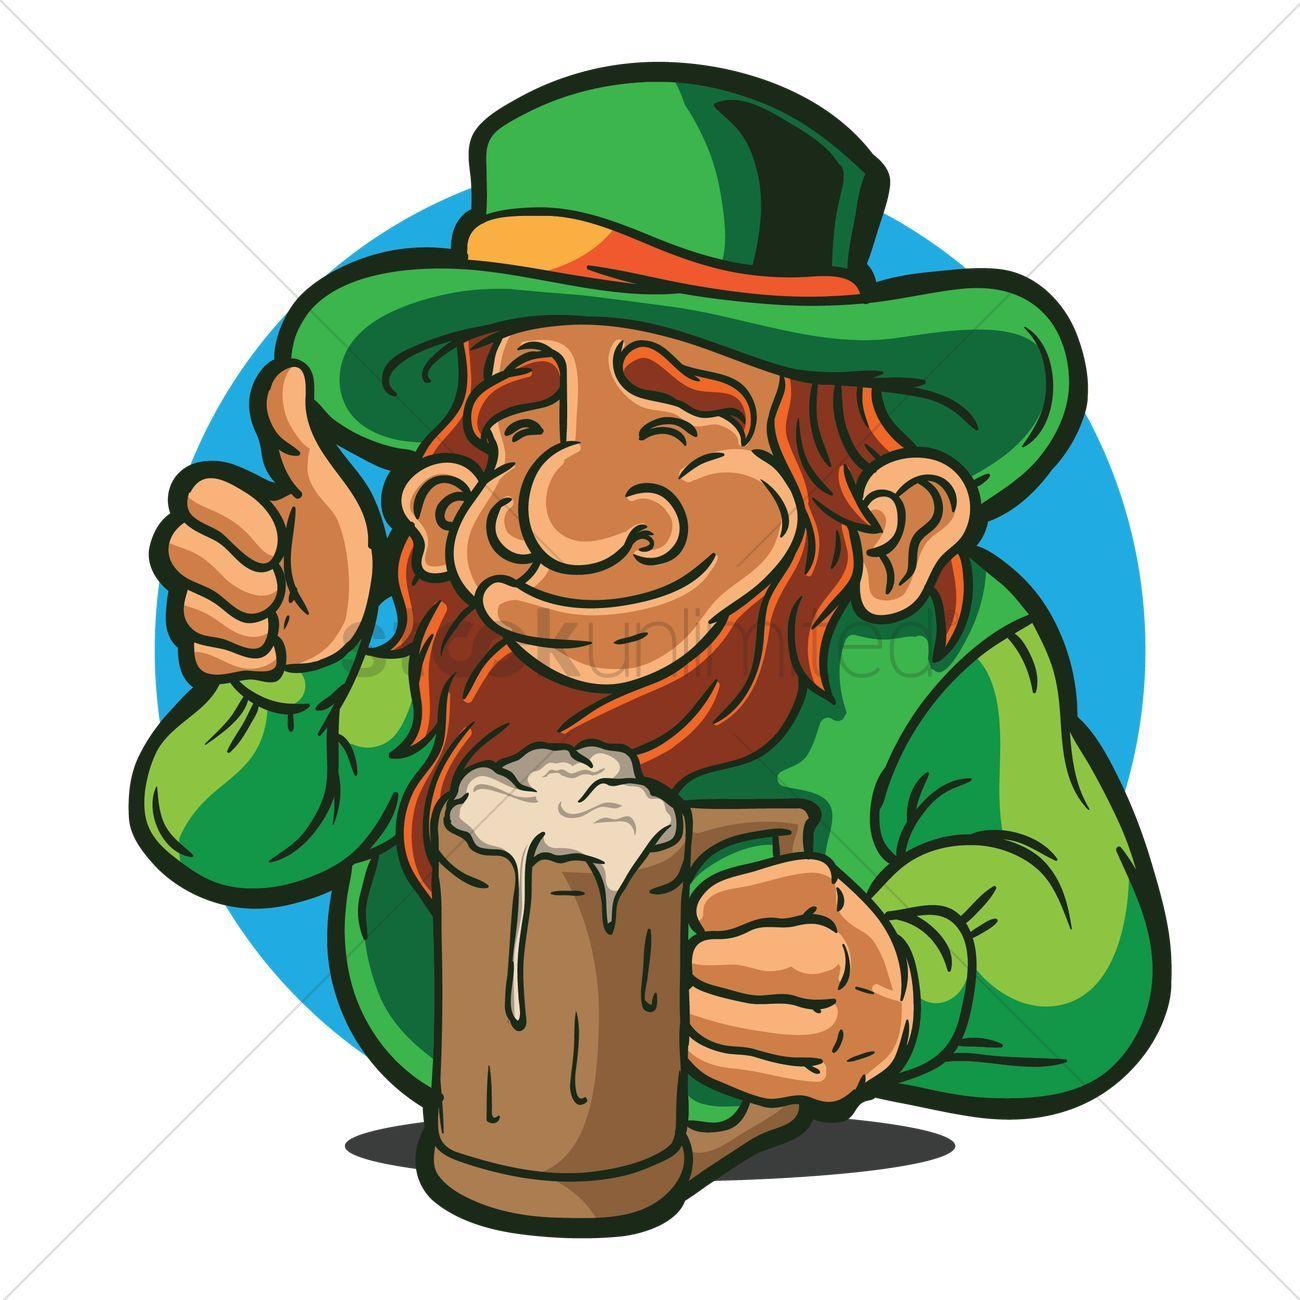 Lederhosen holding beer mug vectors stock clipart